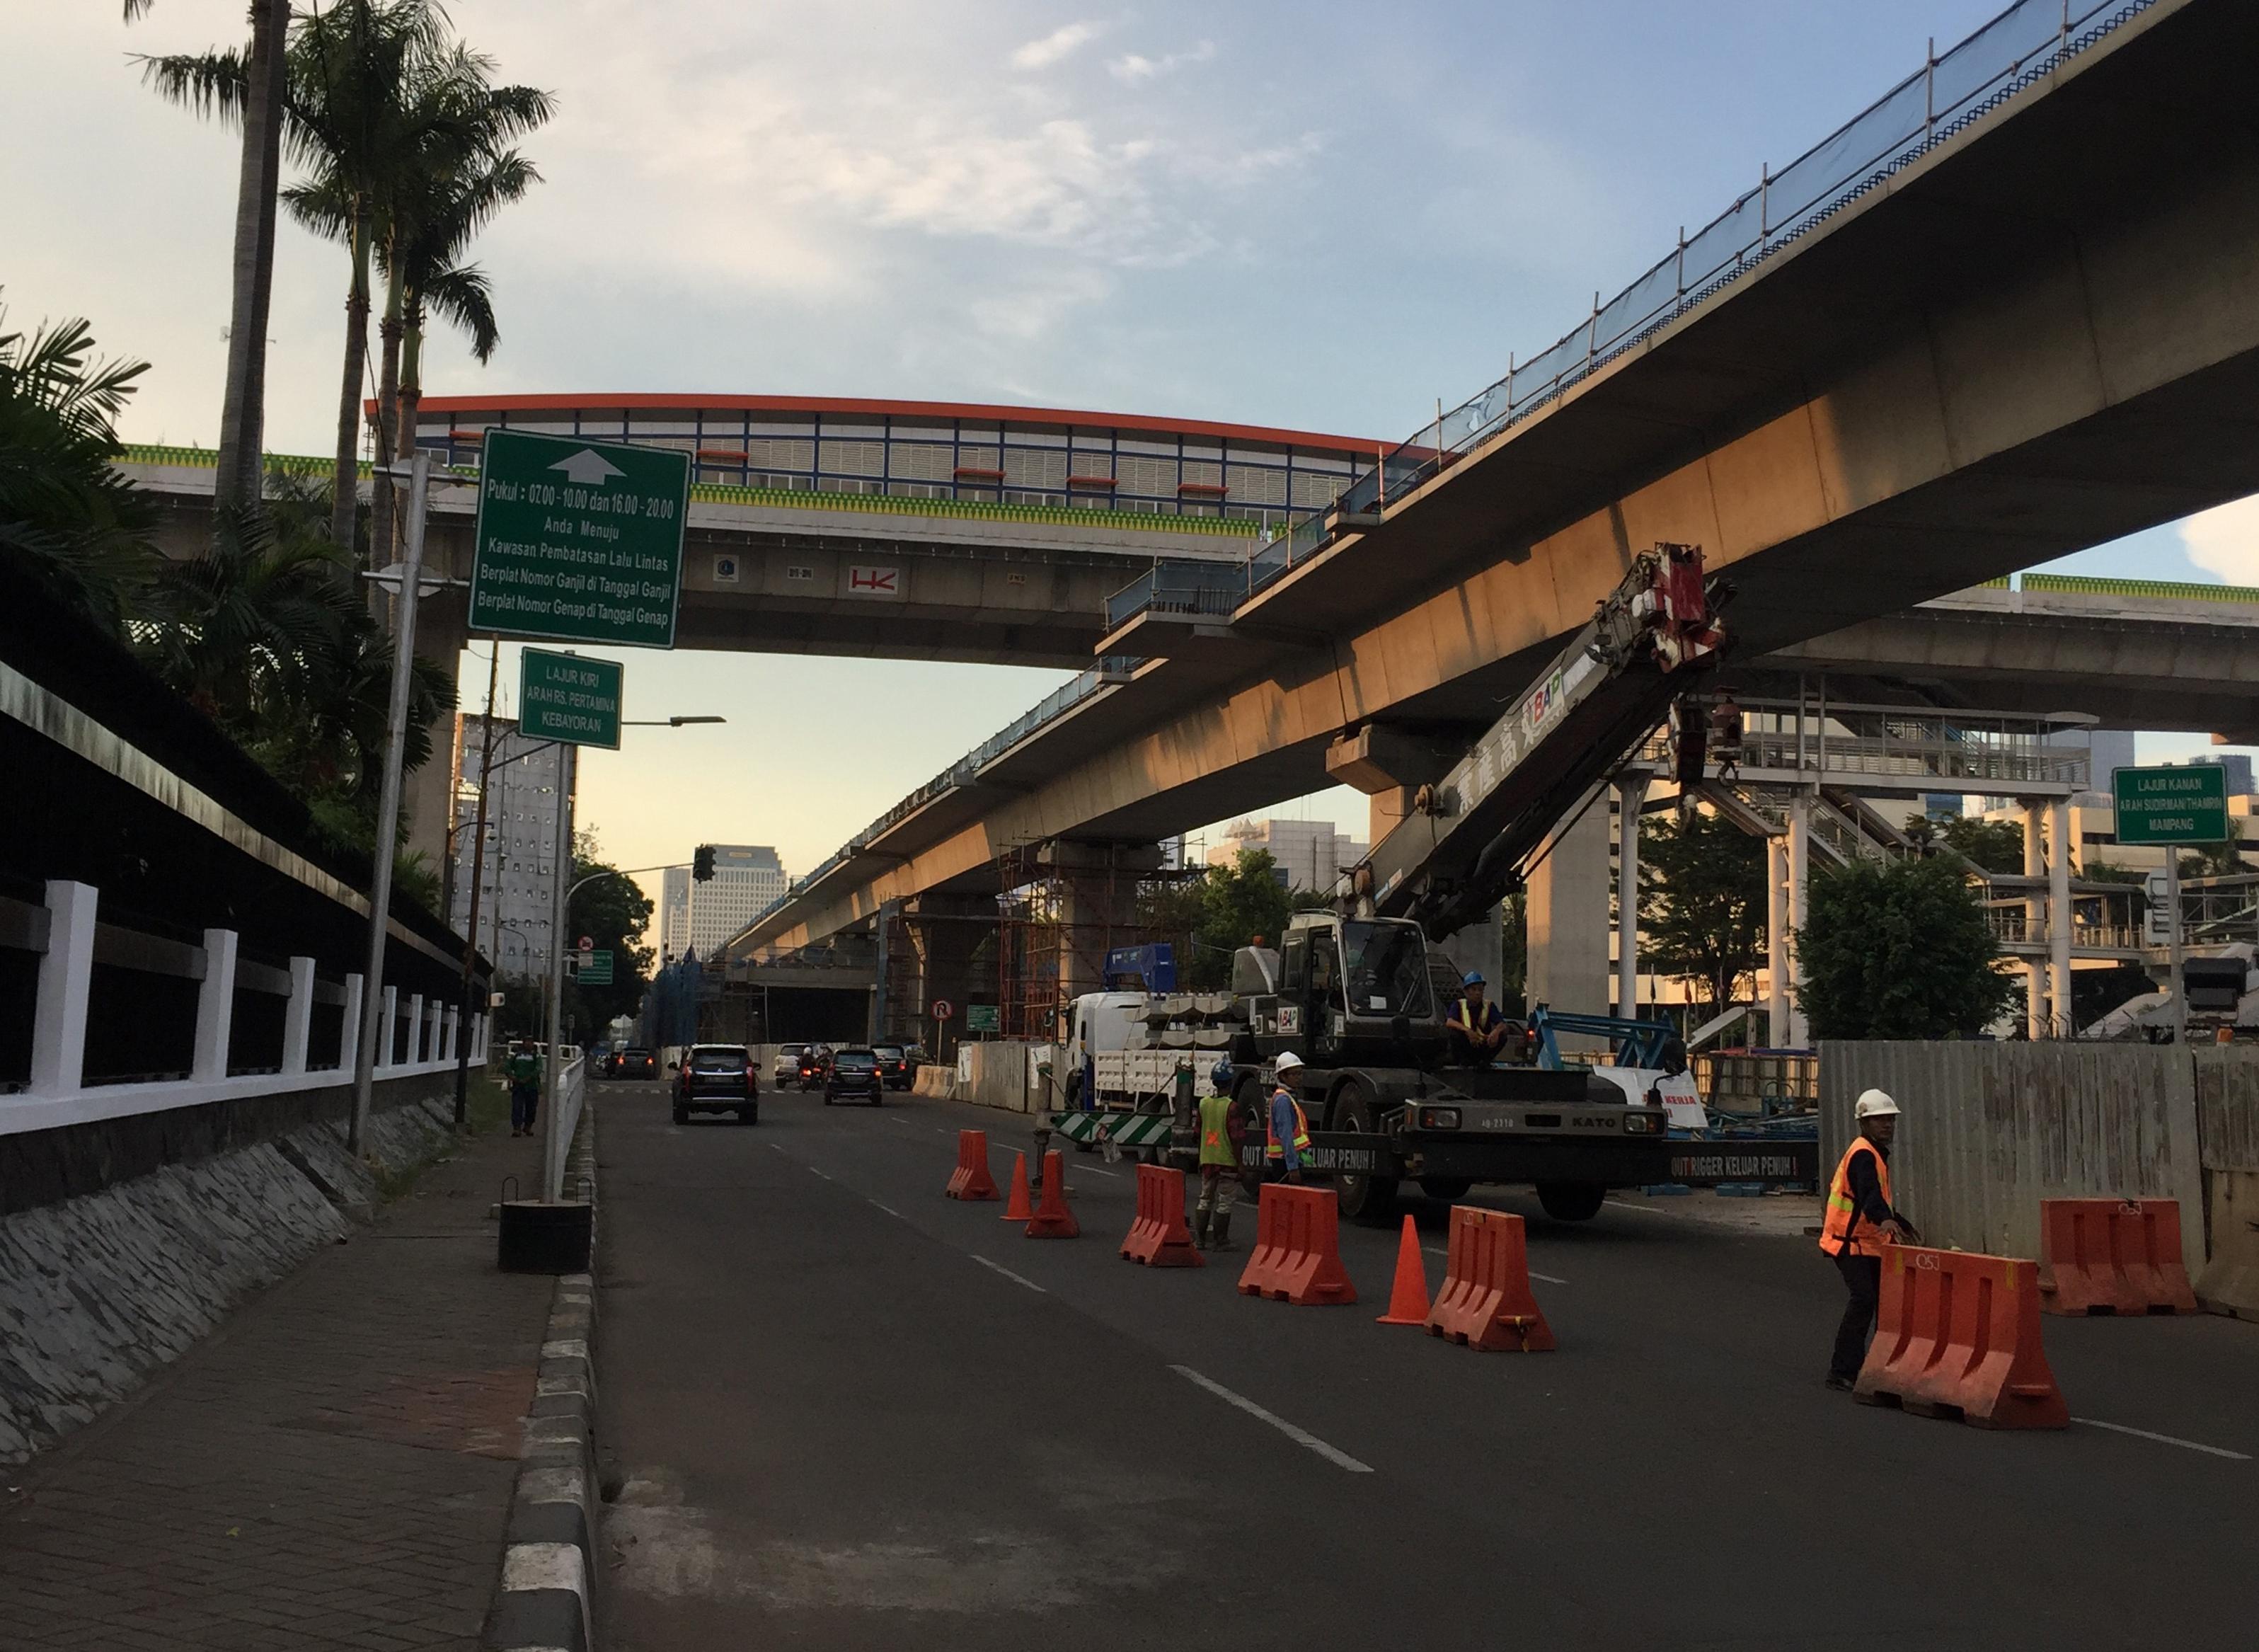 Jakarta MRT (Mass Rapid Transit)